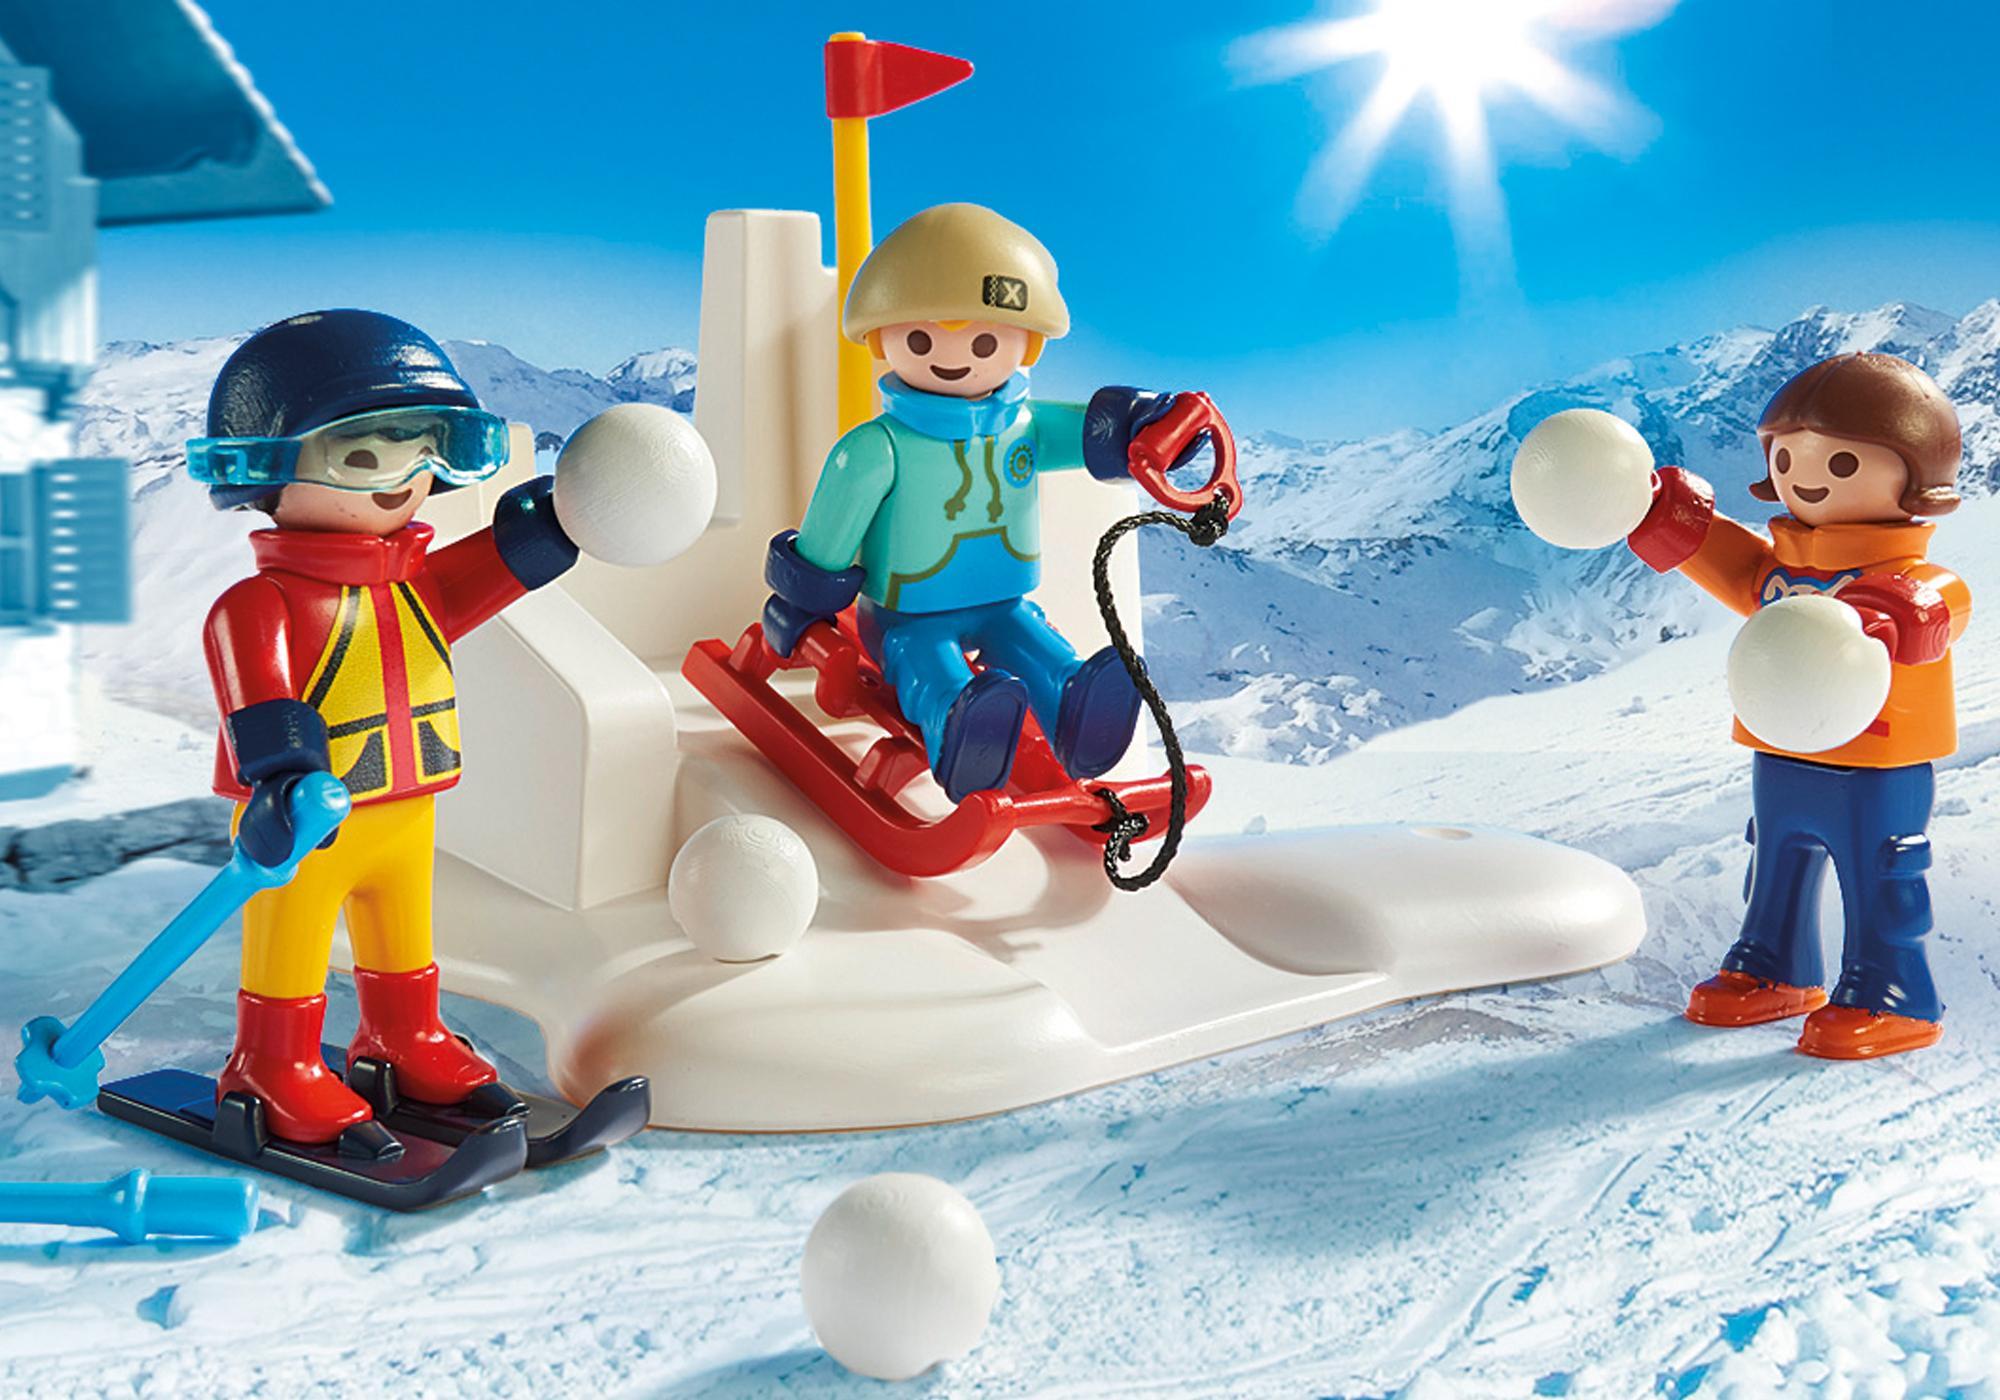 http://media.playmobil.com/i/playmobil/9283_product_extra1/Lucha de Bolas de Nieve